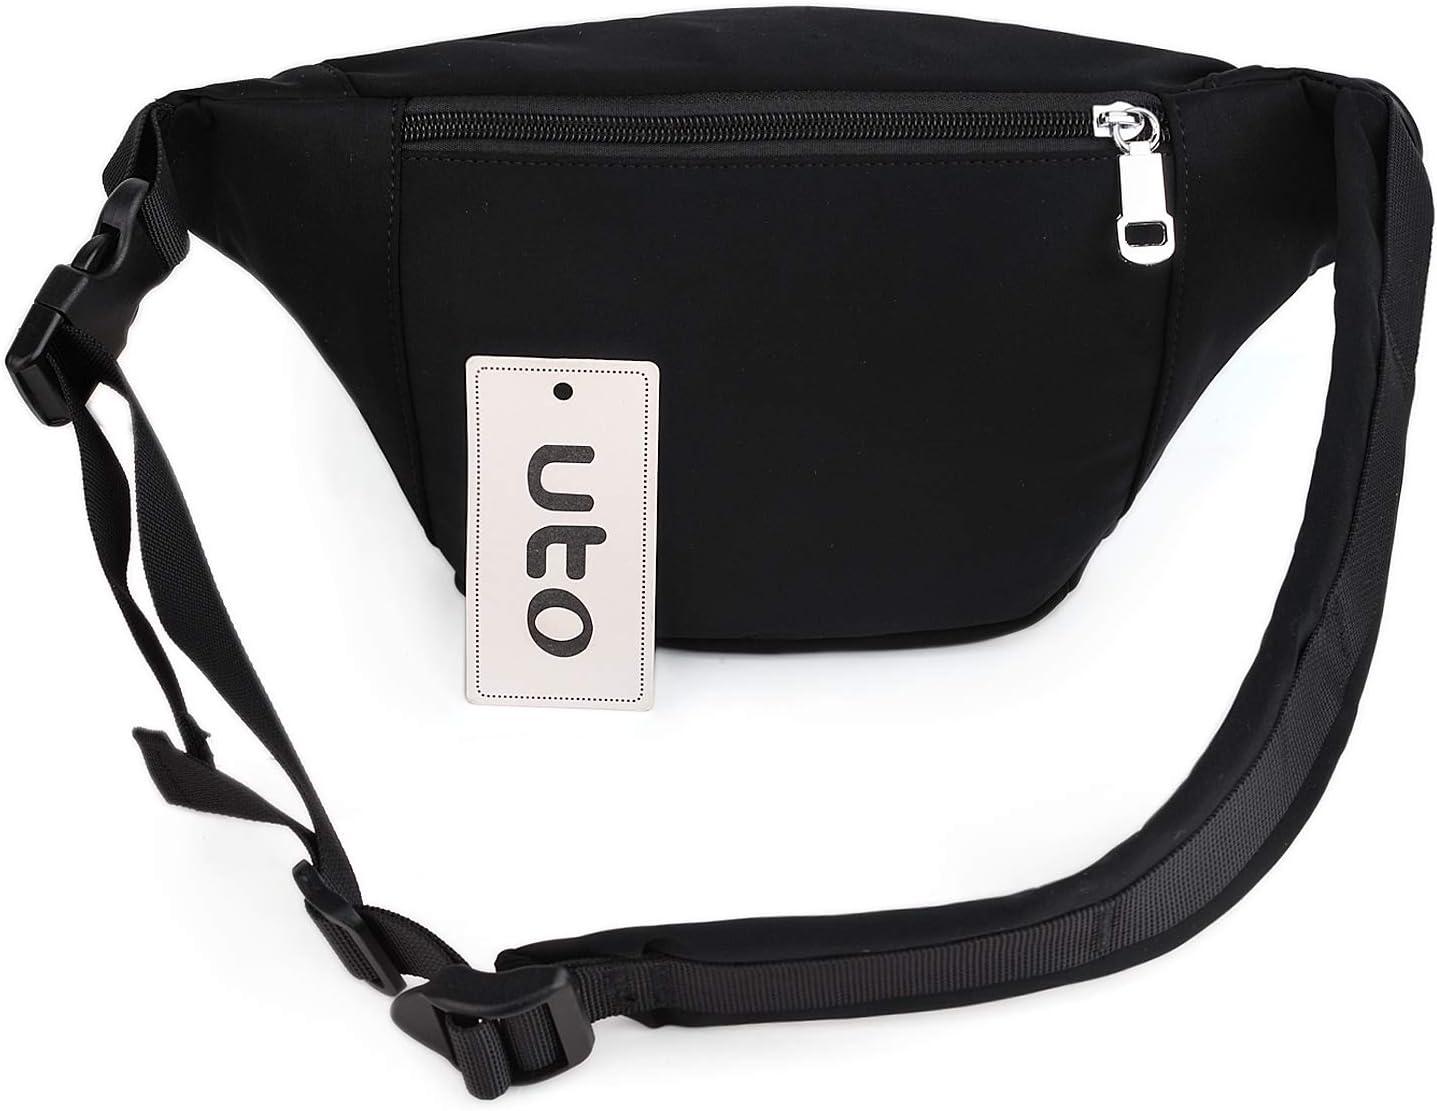 UTO Ri/ñonera Deportiva Ri/ñoneras de Moda Bolso Bandolera Bolso de la Cintura Peso Ligero para Mujer Hombre Tela Nylon Impermeable Cremalleras Viaje Cintur/ón